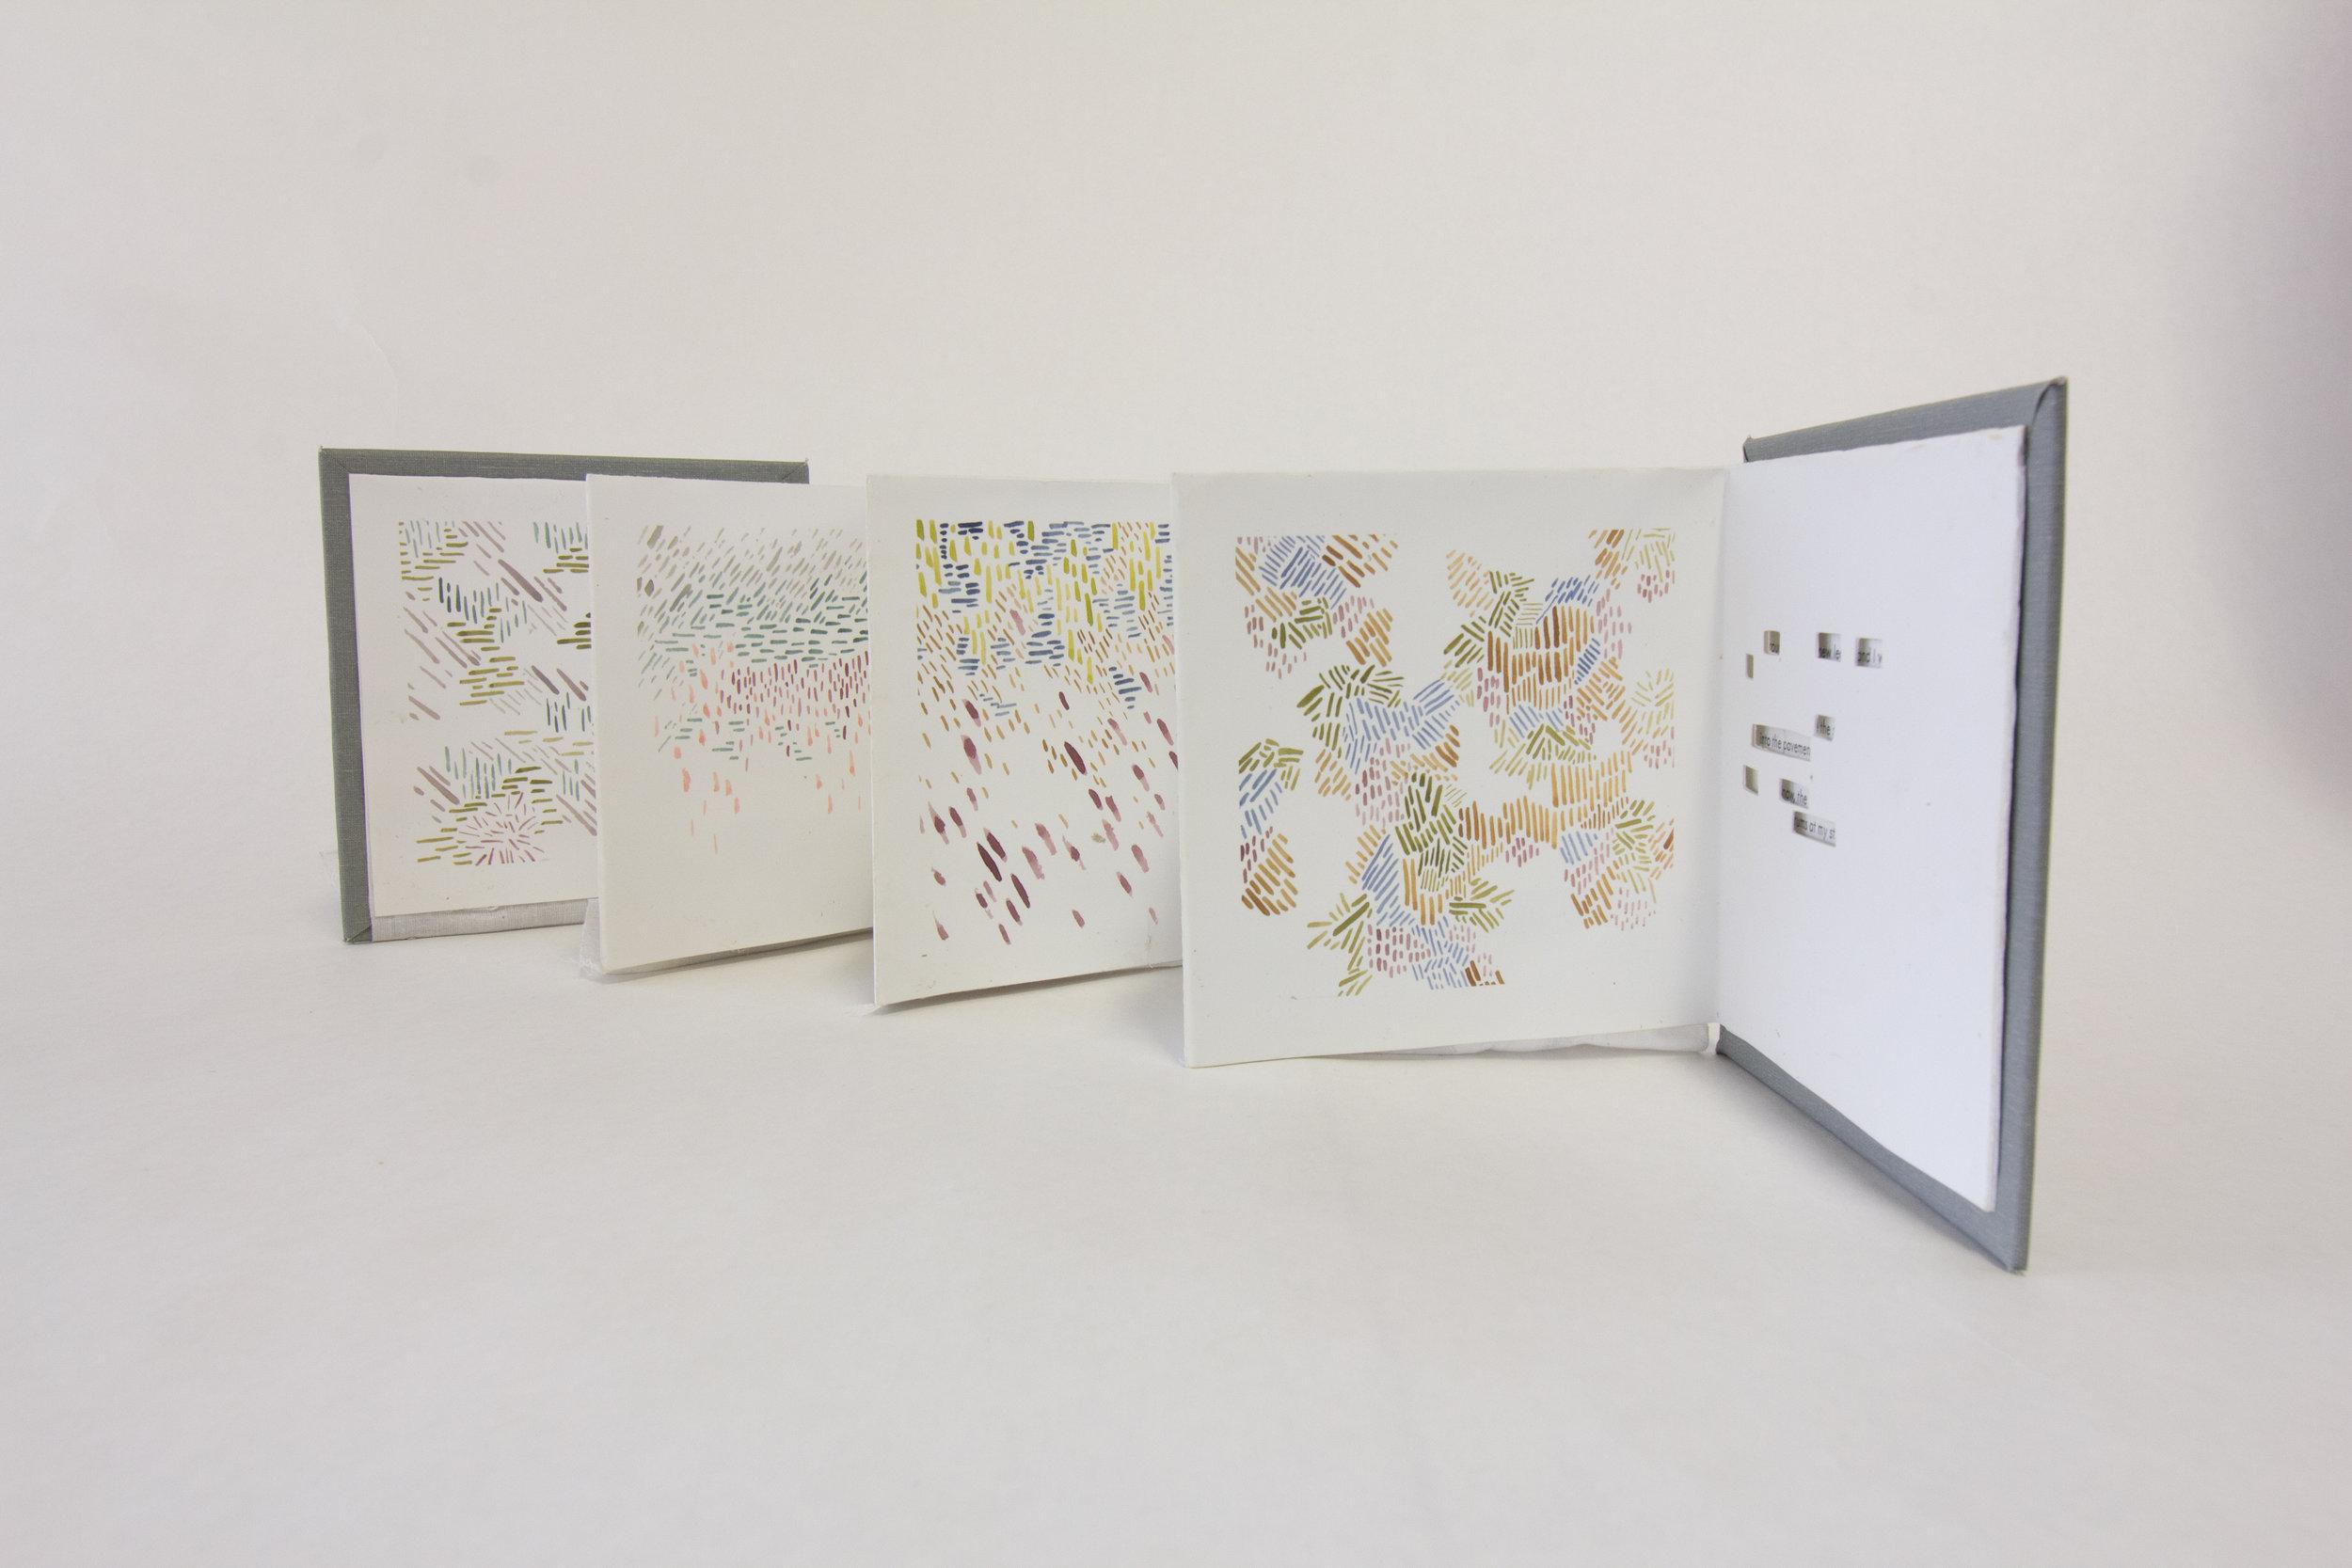 """Brooks Eisenbise, """"Summary of Heart Movements,"""" Digital print, embroidery on cotton, 2018, $100, Kalamazoo, MI"""